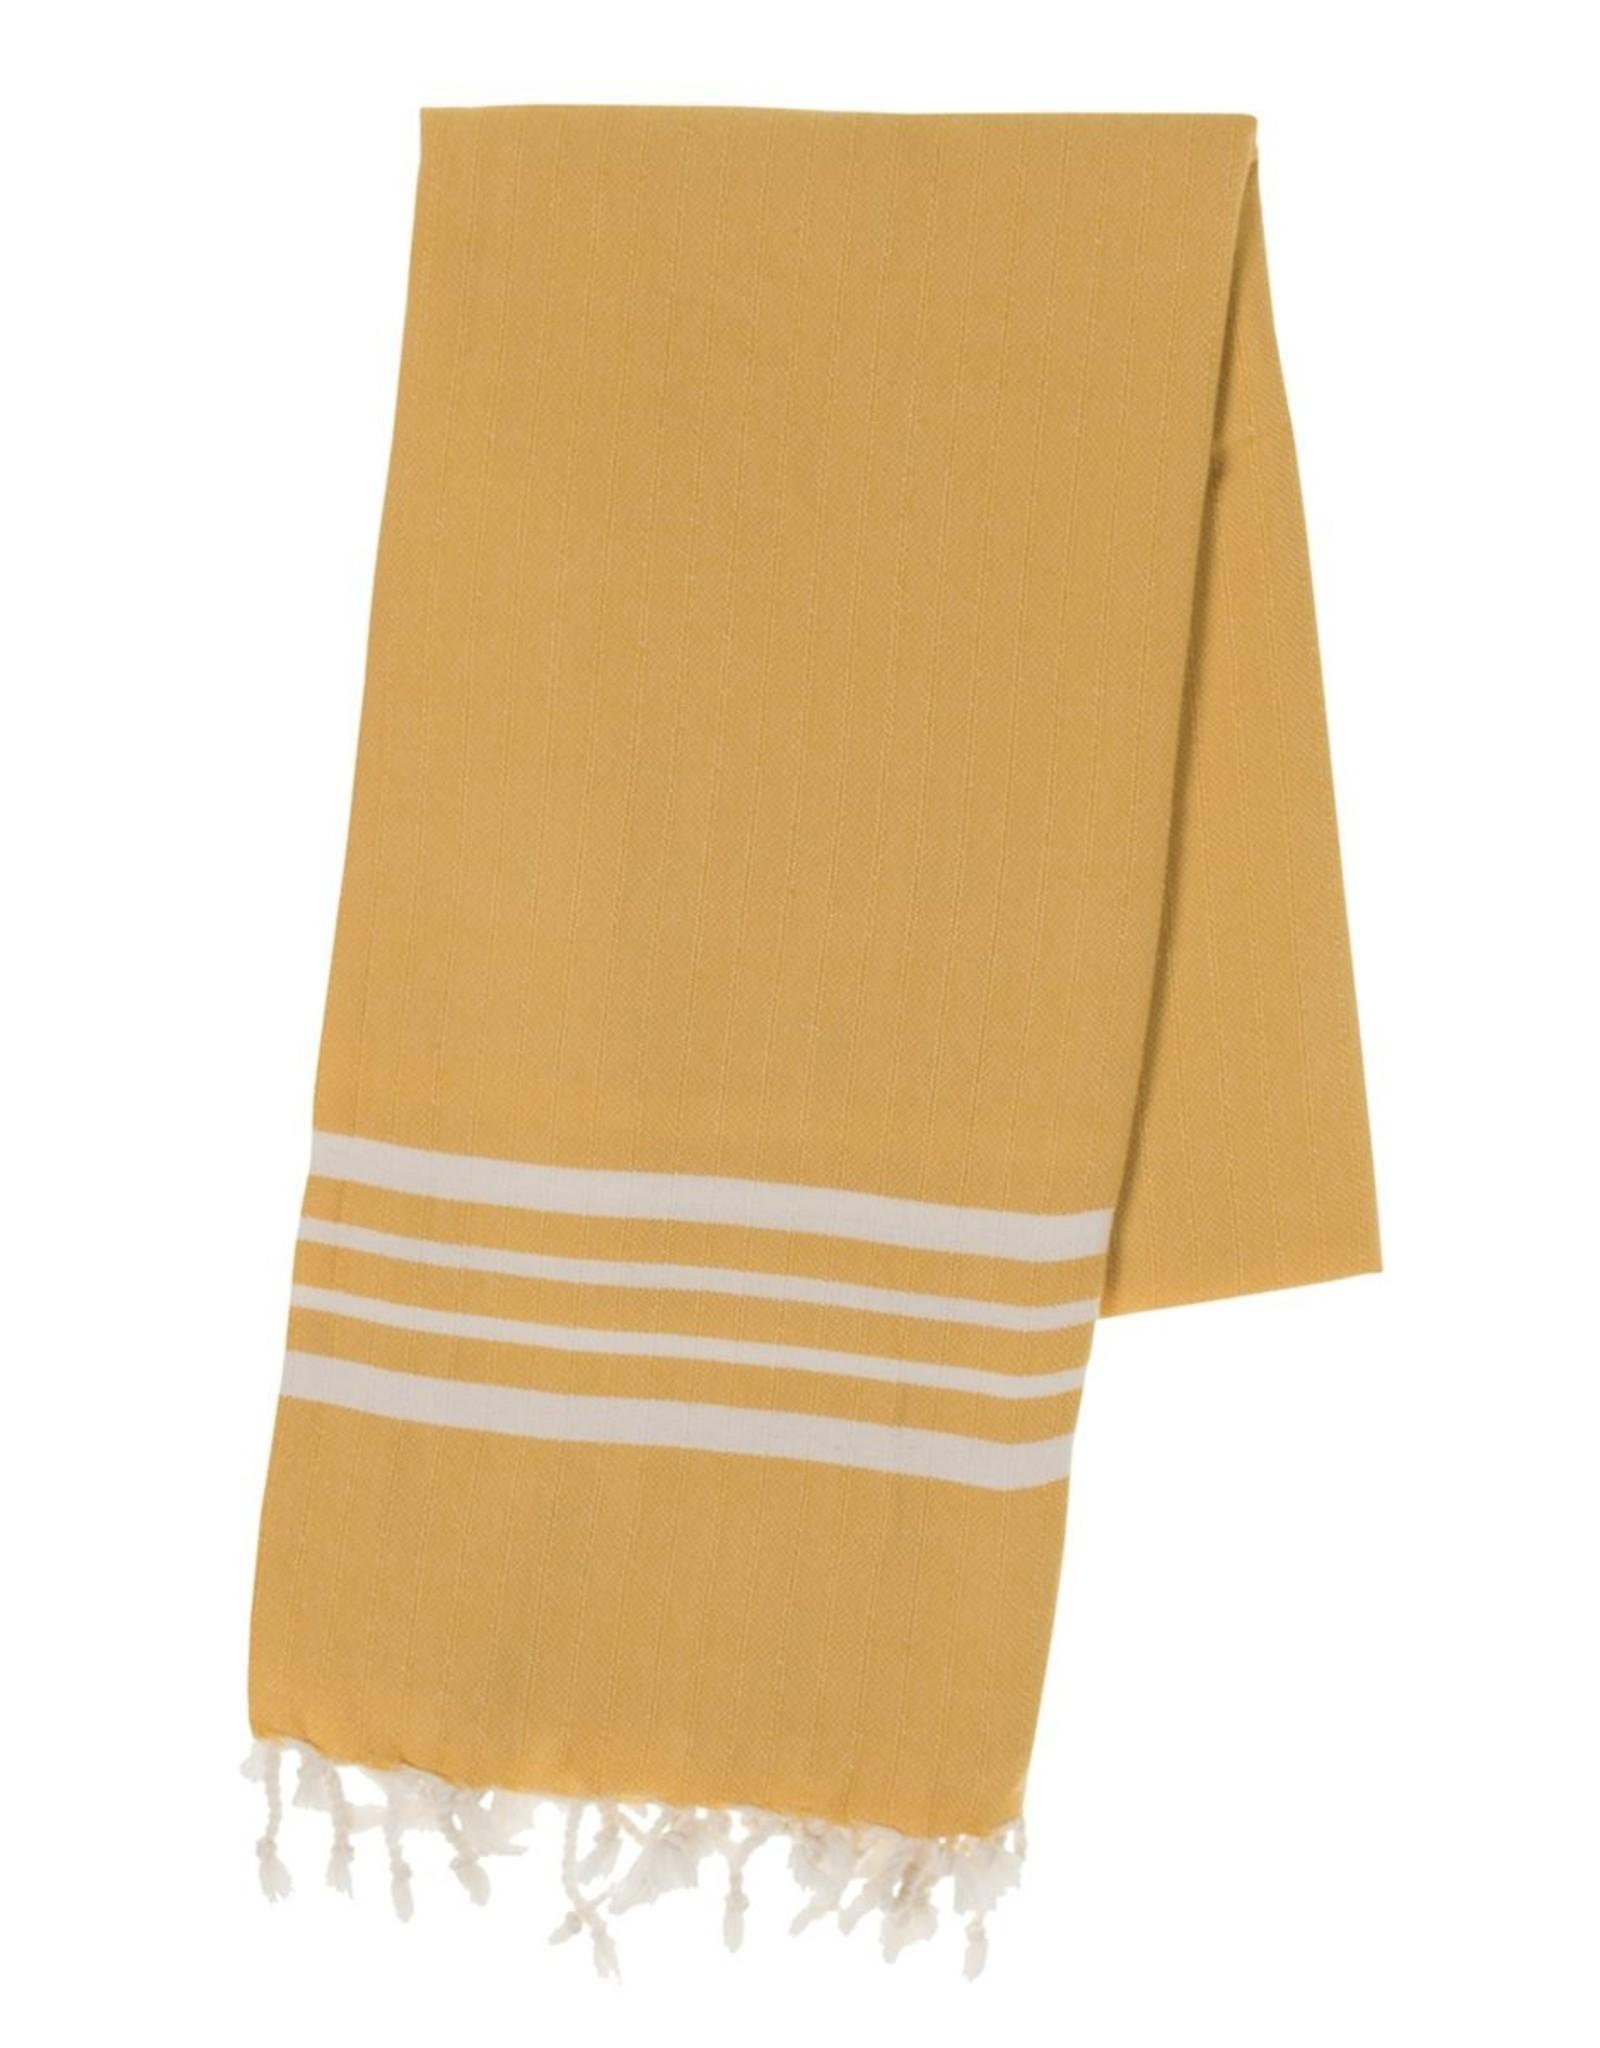 Lalay Hamam handdoek - geel - 100x180 cm